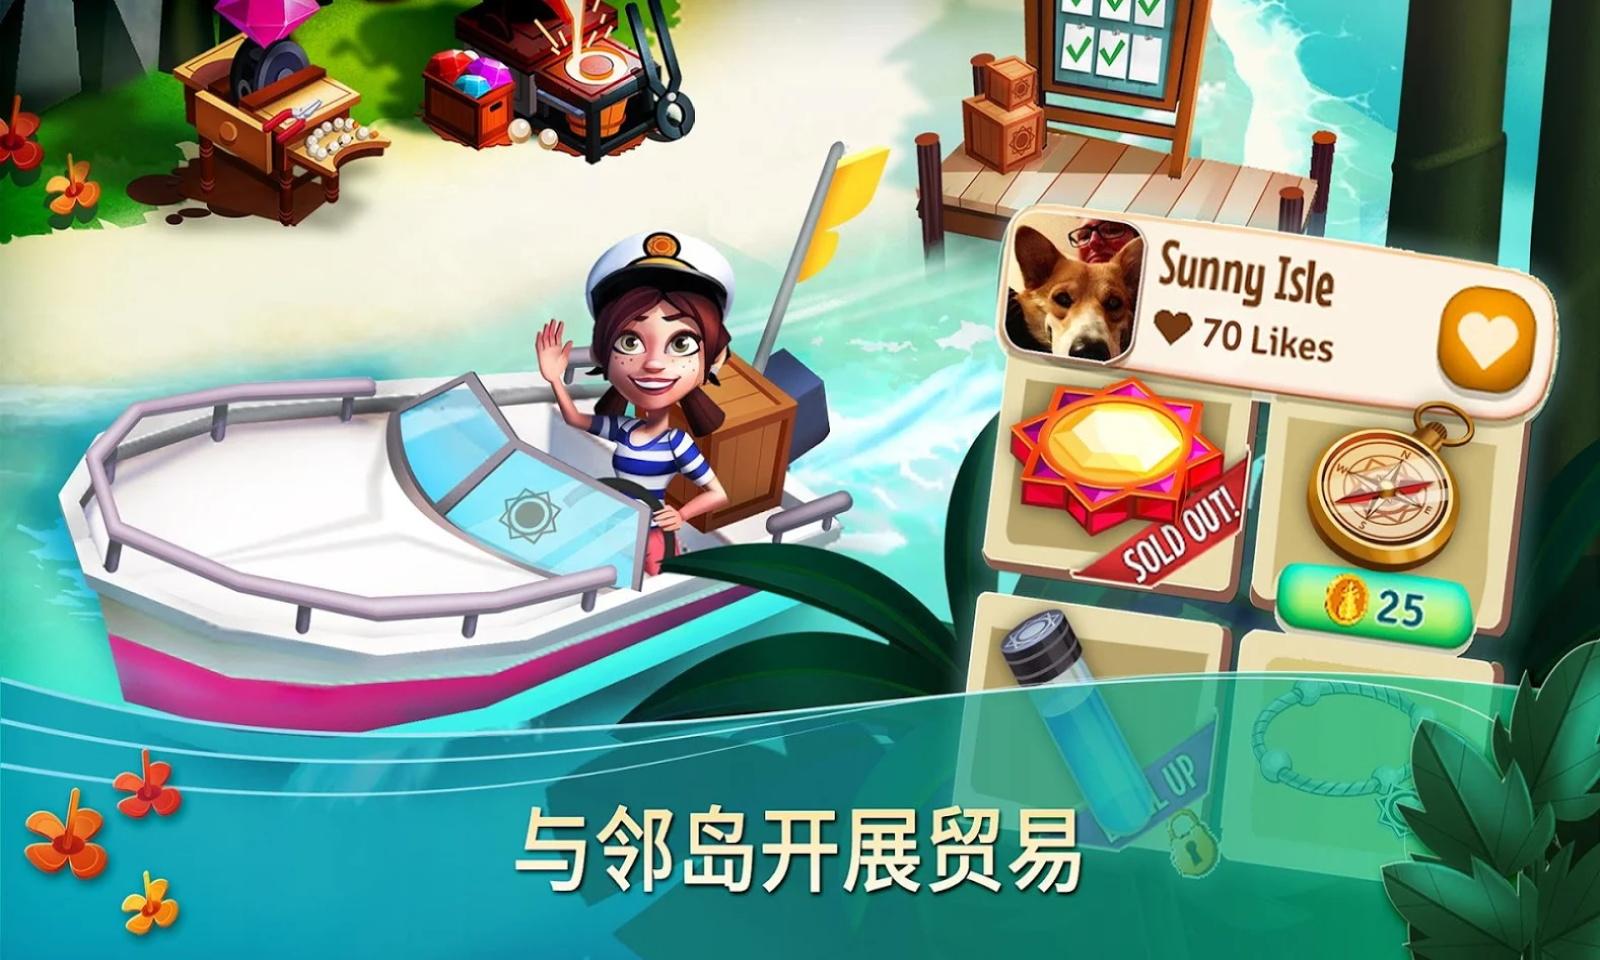 开心农场热带度假道具免费版游戏截图